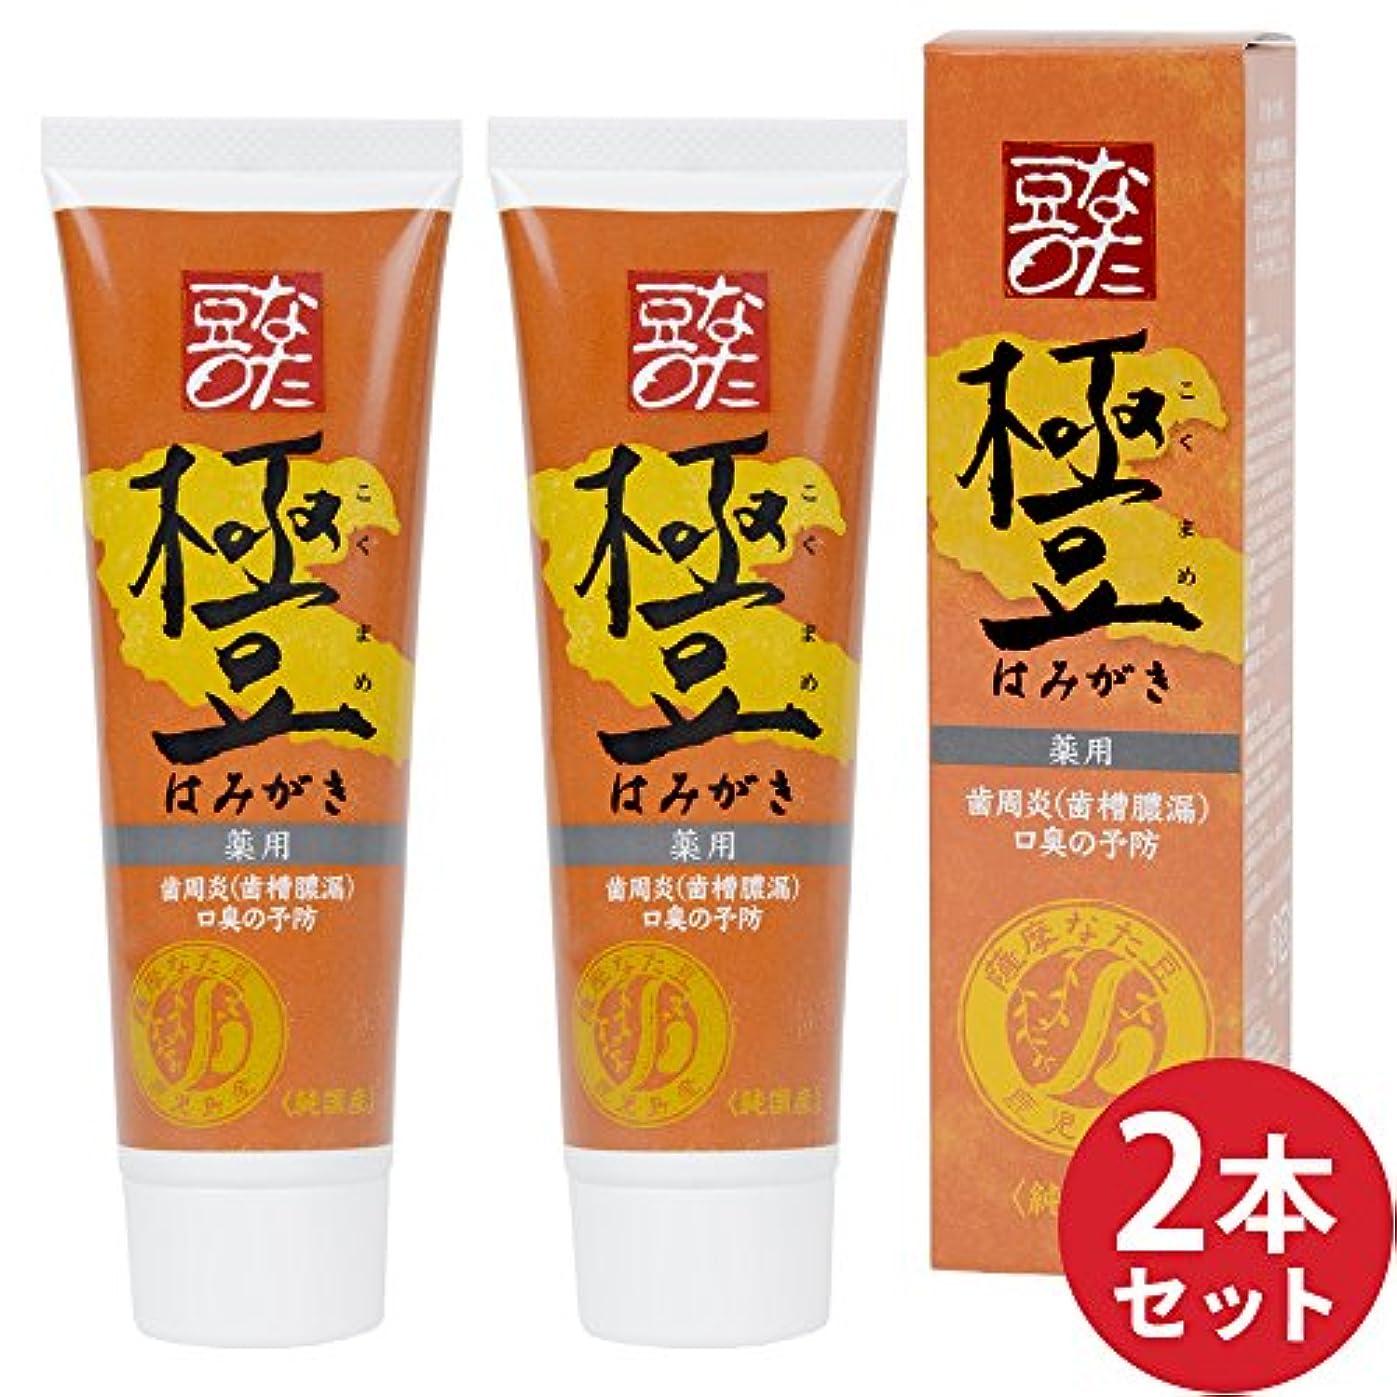 現象モード学習者2本セット【薬用】薩摩なた豆歯磨き(内容量:110g×2)